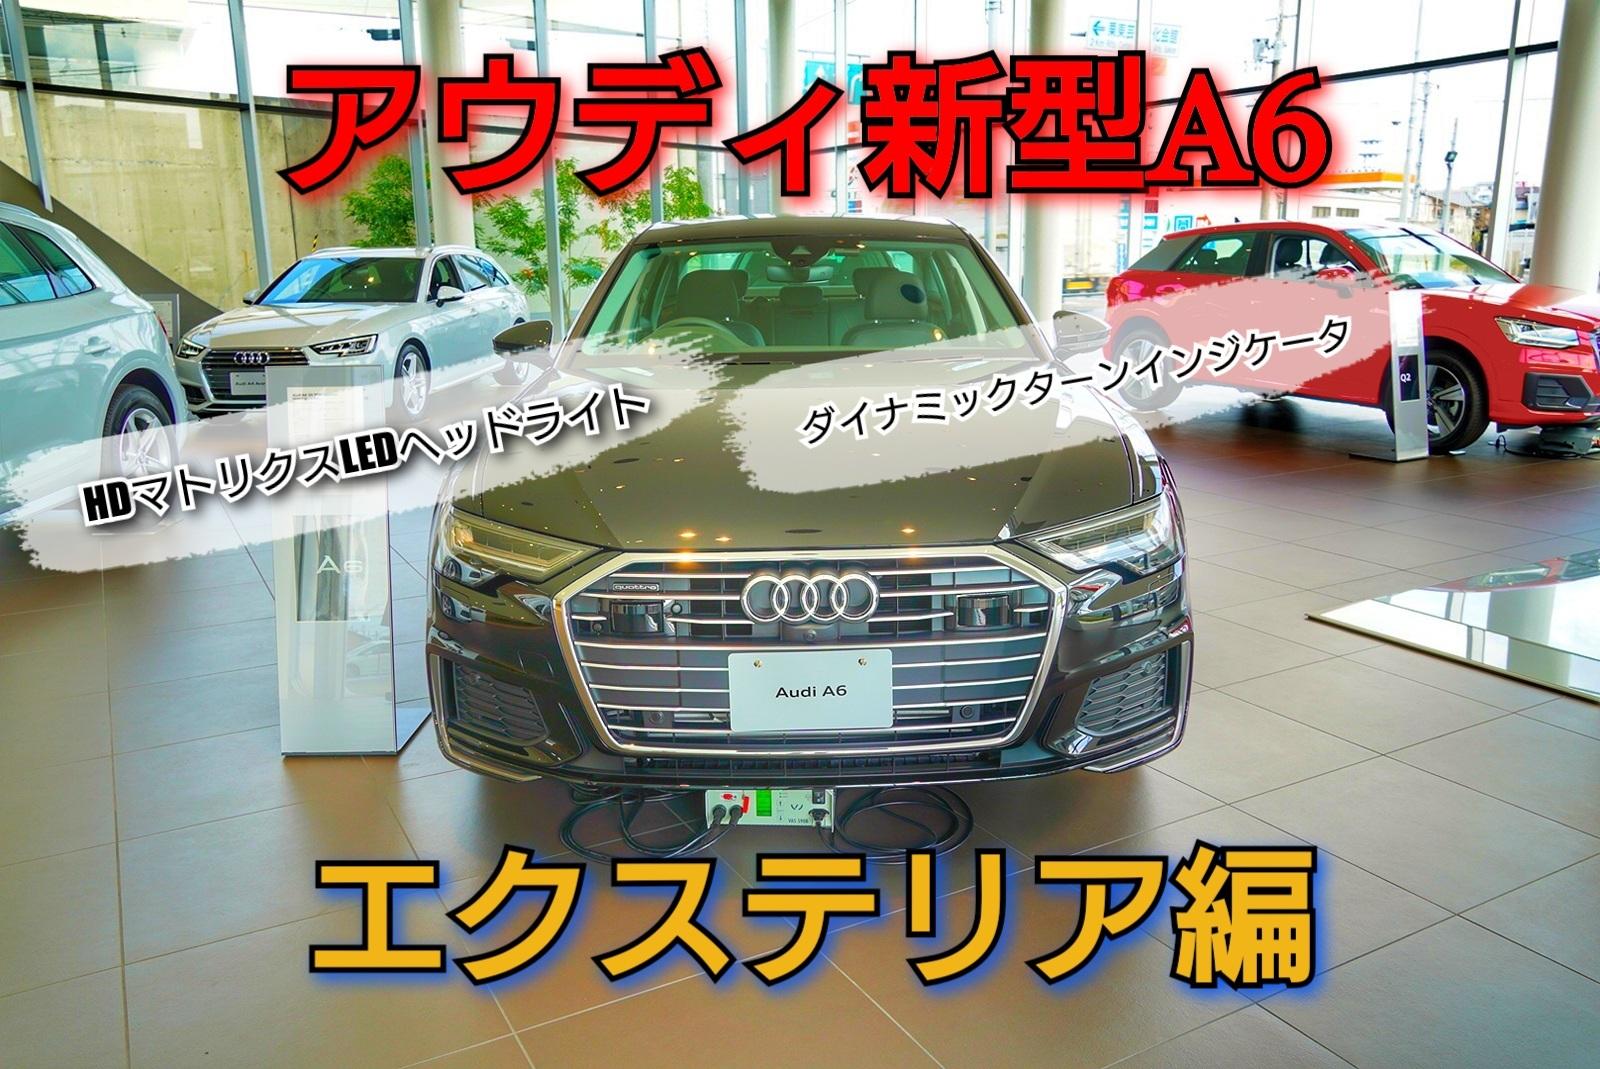 【フルモデルチェンジ!】エクステリア編!!アウディ新型A6インプレッション!①